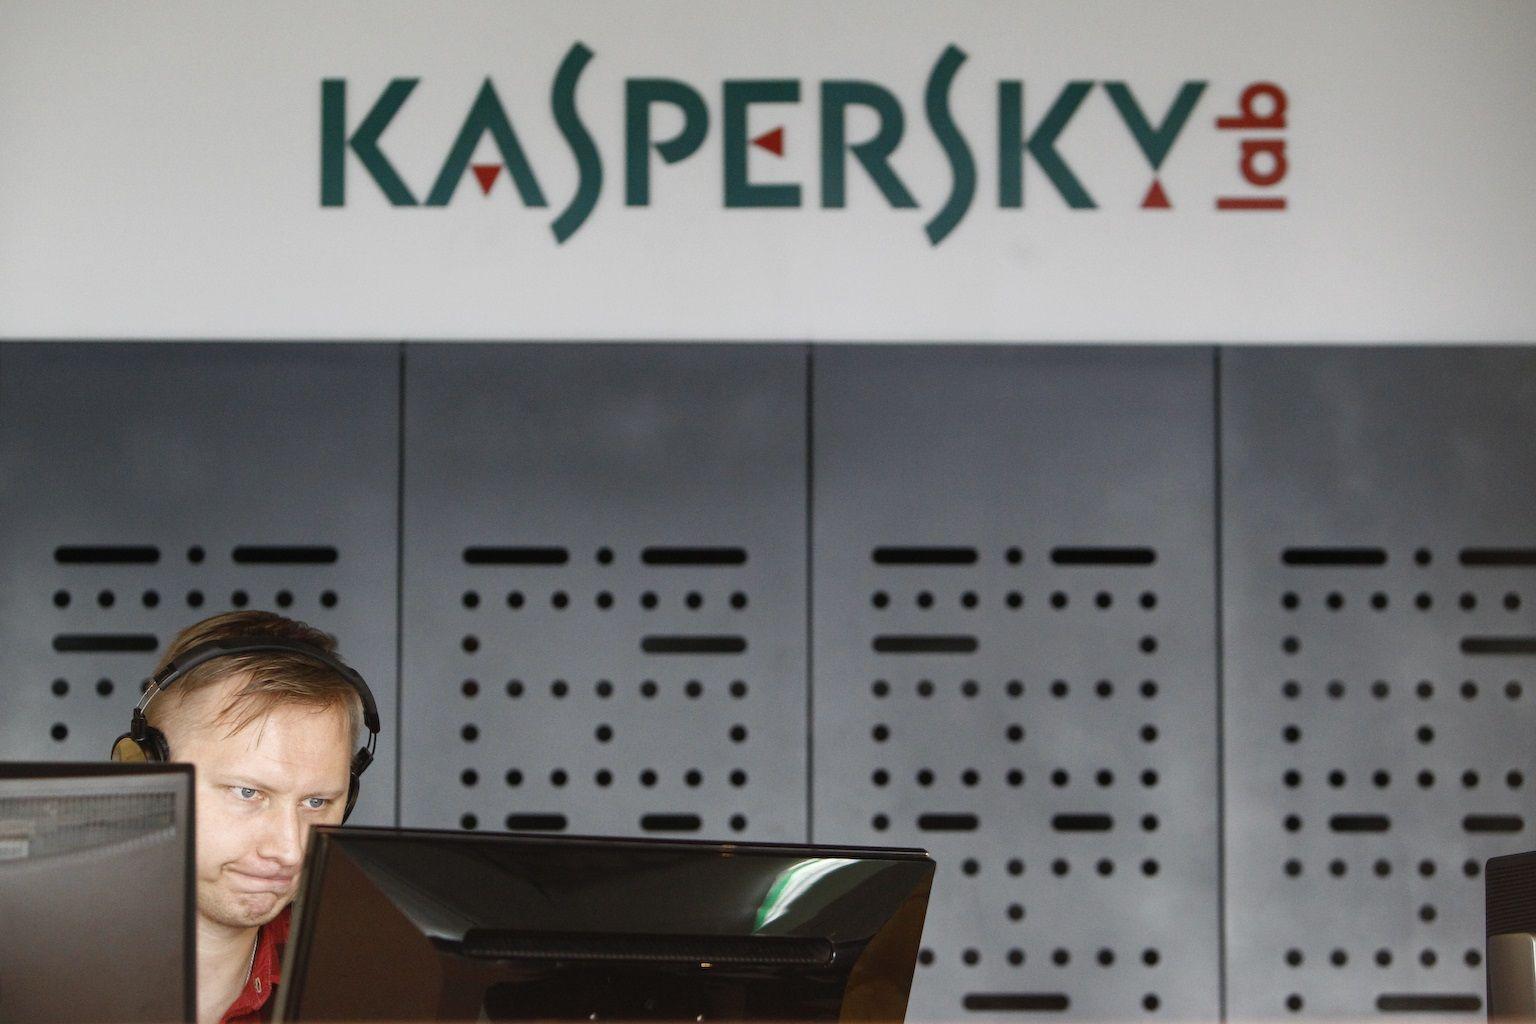 kaspersky arrest russia treason Stoyanov